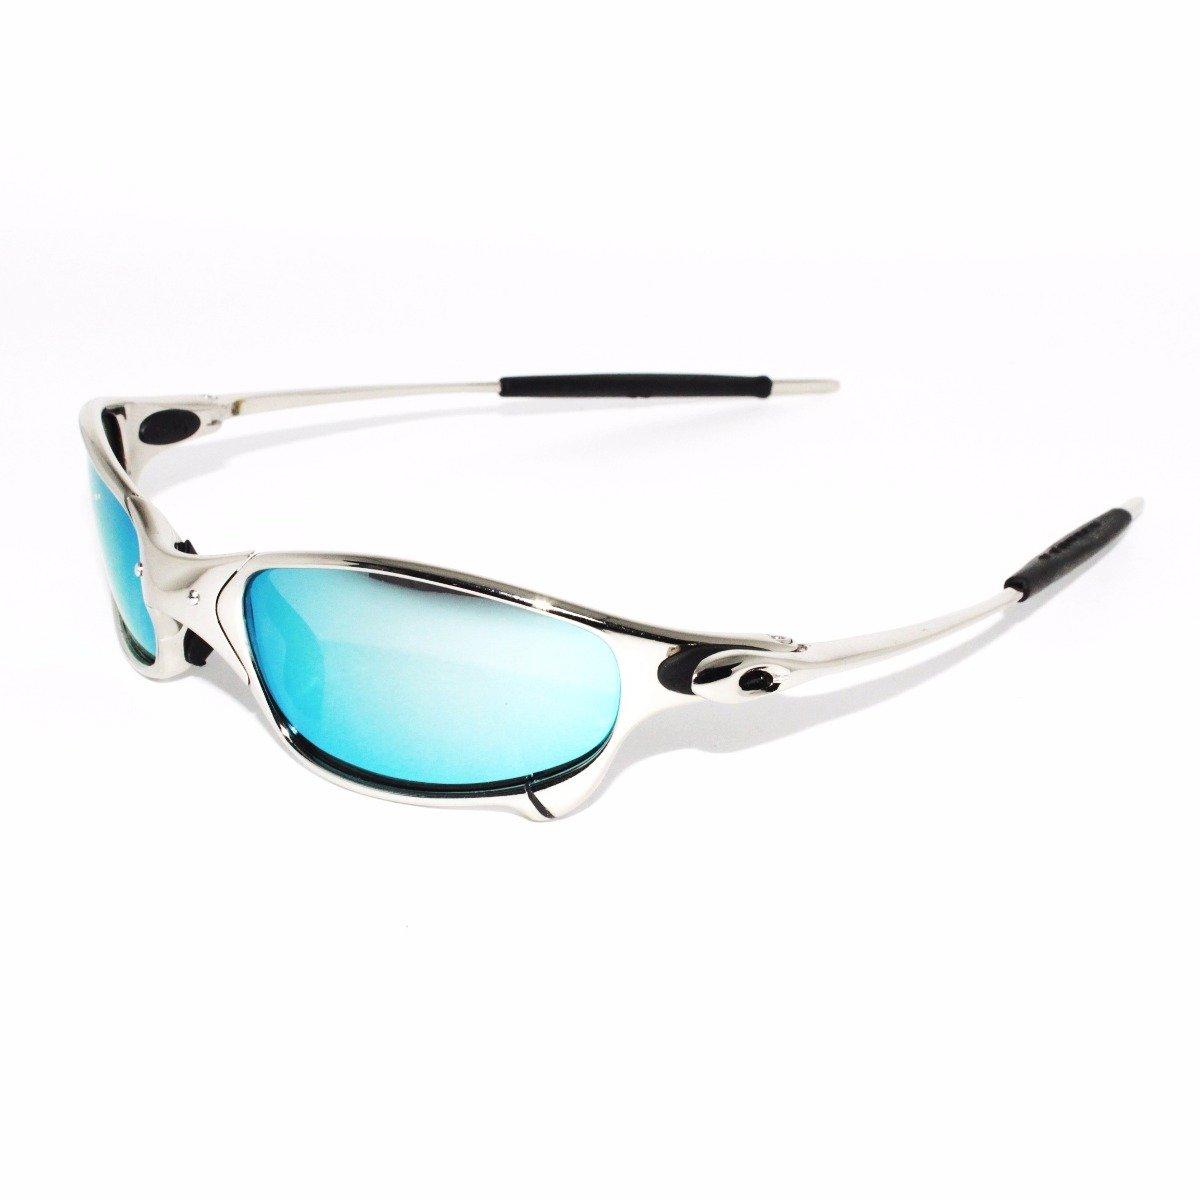 Oakley Sunglasses x-metal Juliet - Silver with Blue